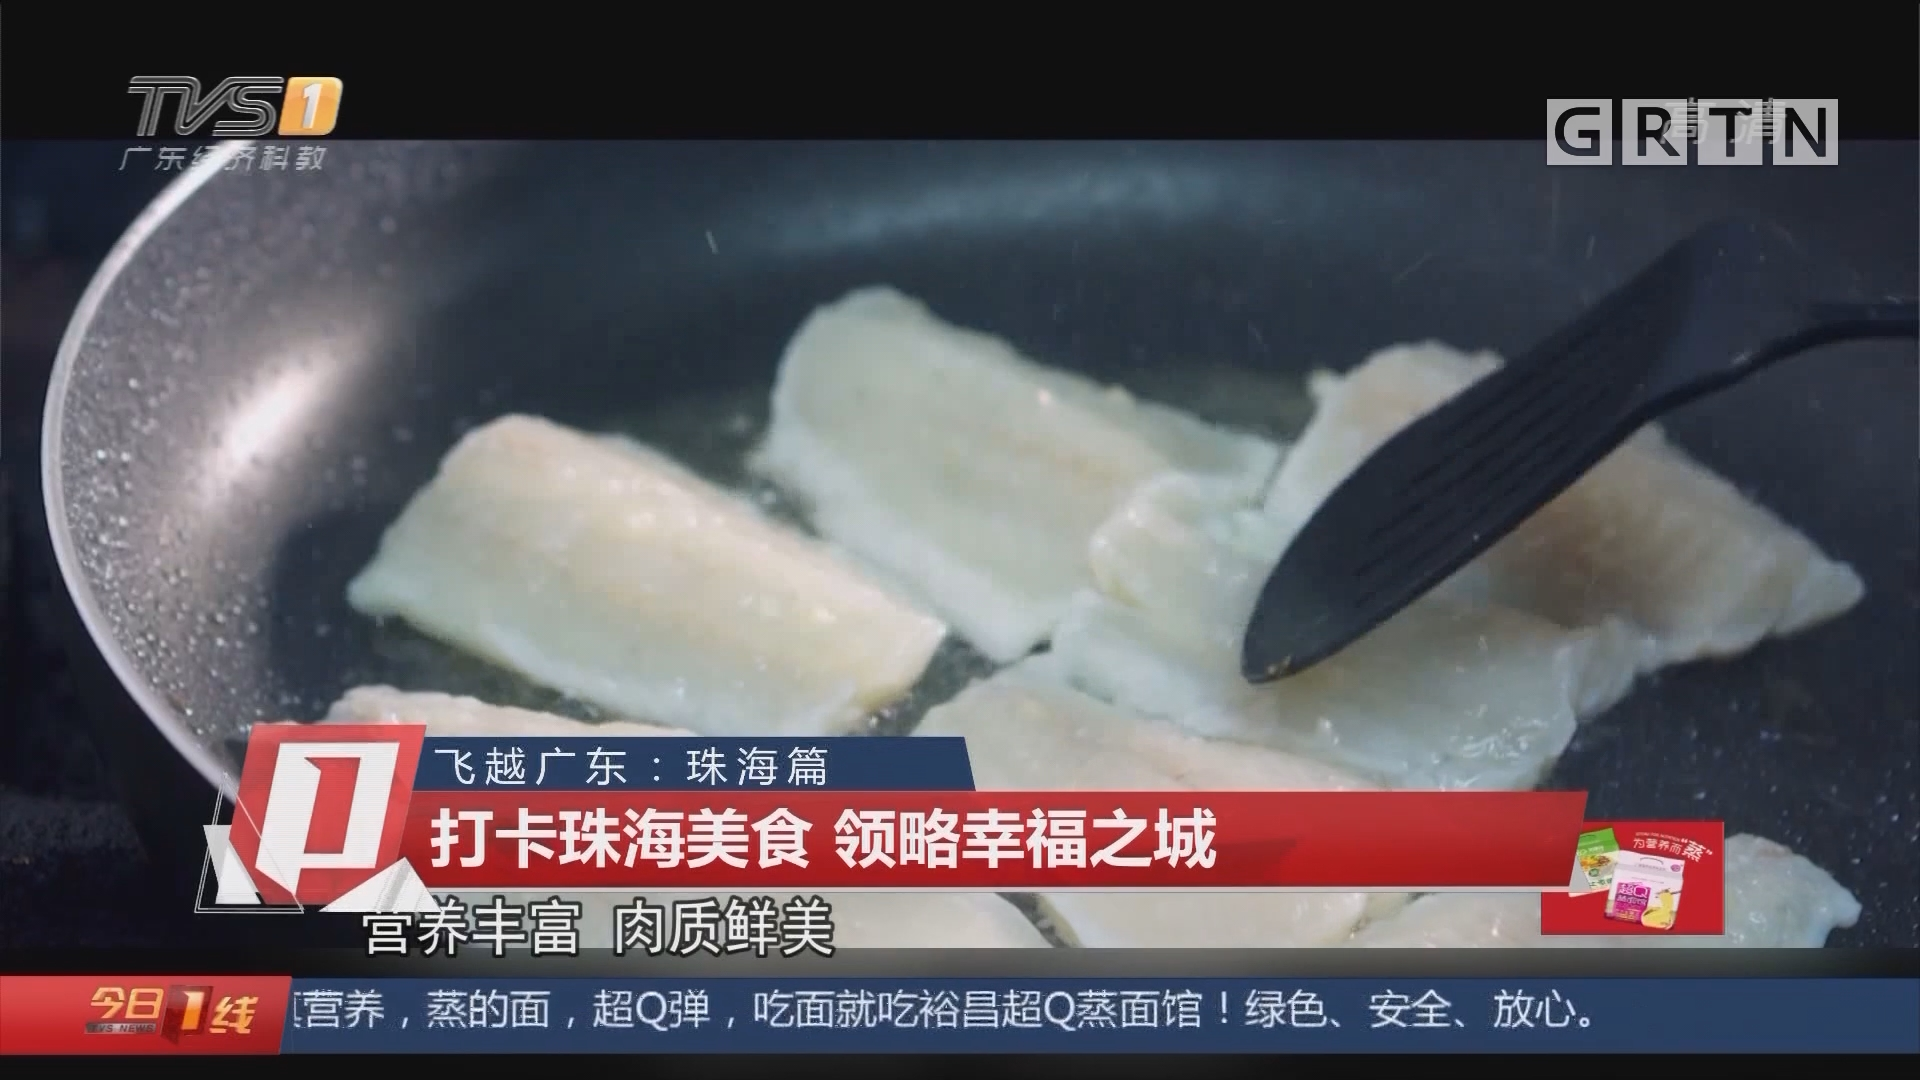 飞越广东:珠海篇 打卡珠海美食 领略幸福之城